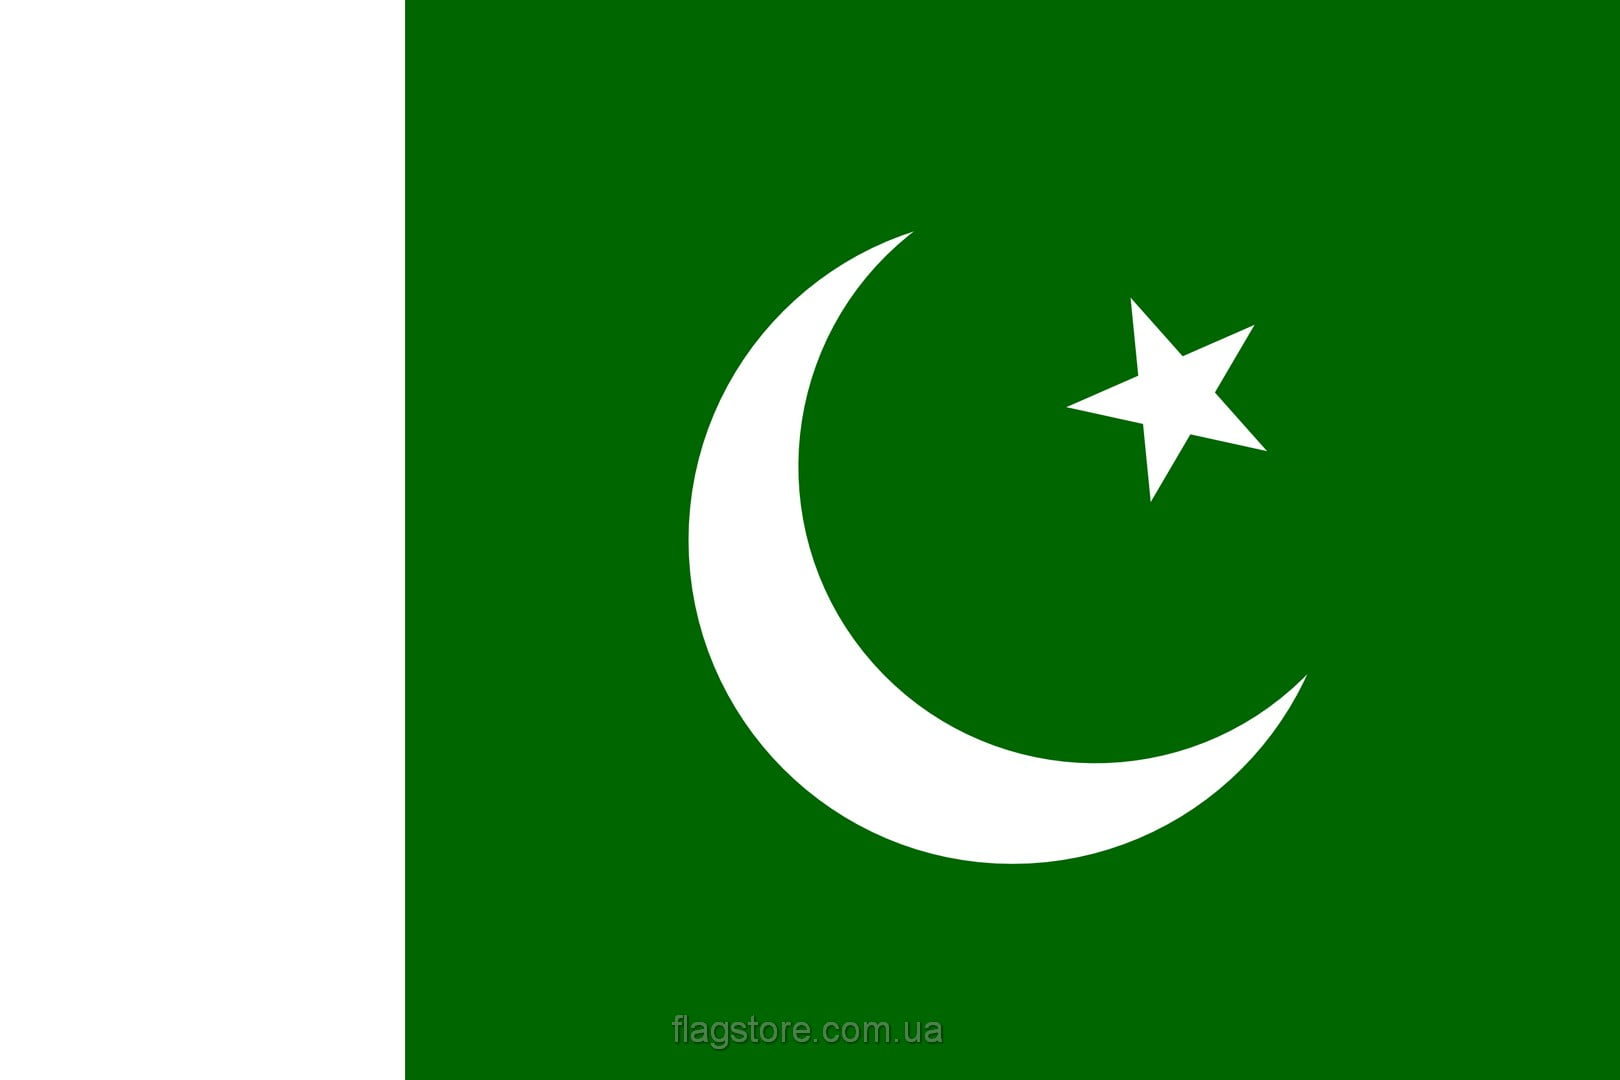 Купить флаг Пакистана (страны Пакистан)